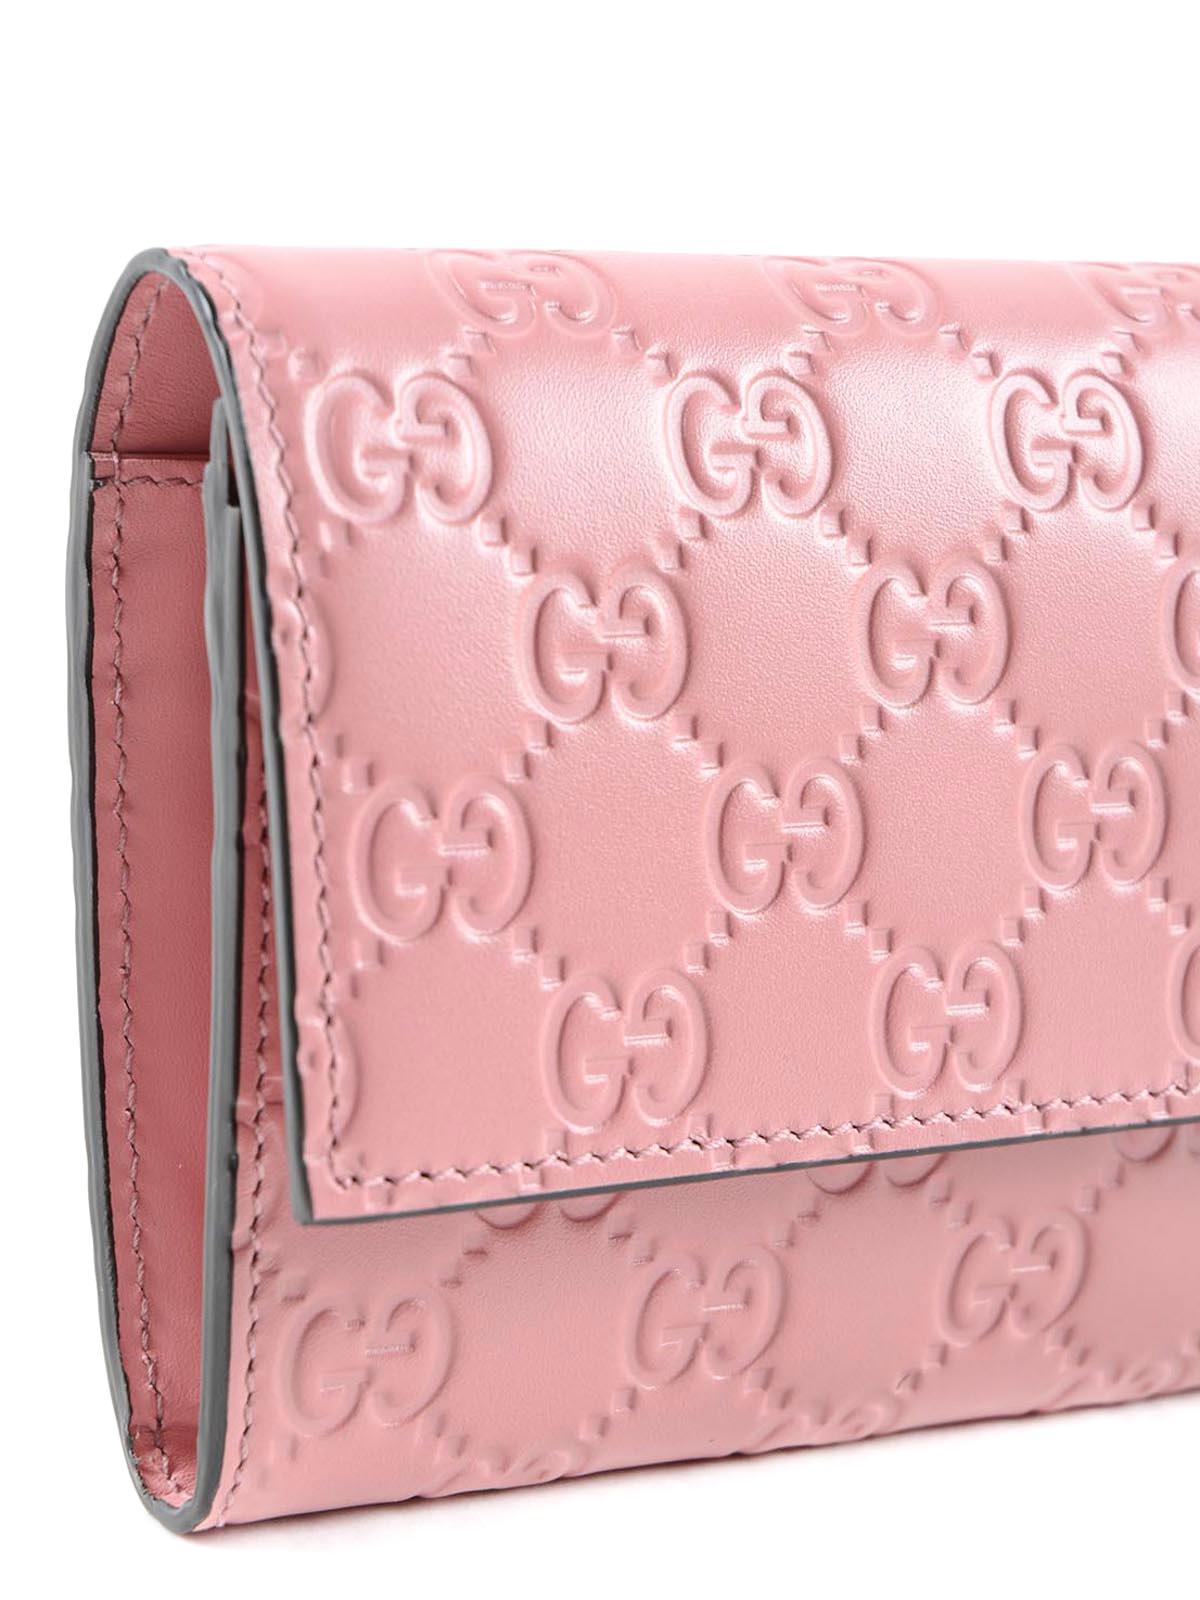 646b5c4d98db Gucci - Signature continental wallet - wallets & purses - 410100 ...